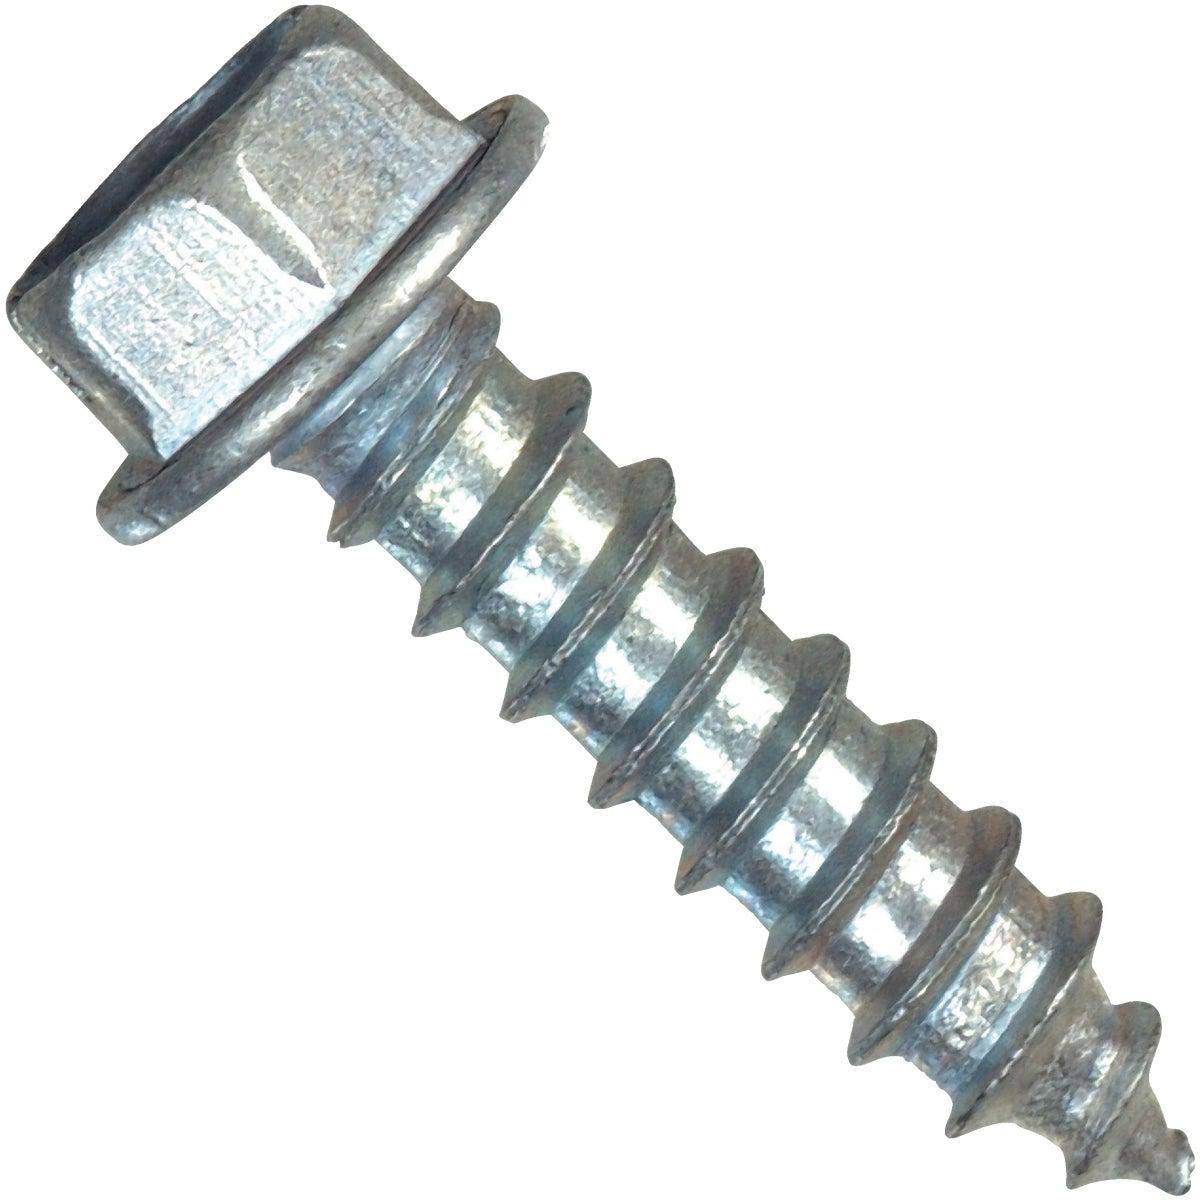 8X1-1/4 HWH ST MTL SCREW - 70283 by Hillman Fastener